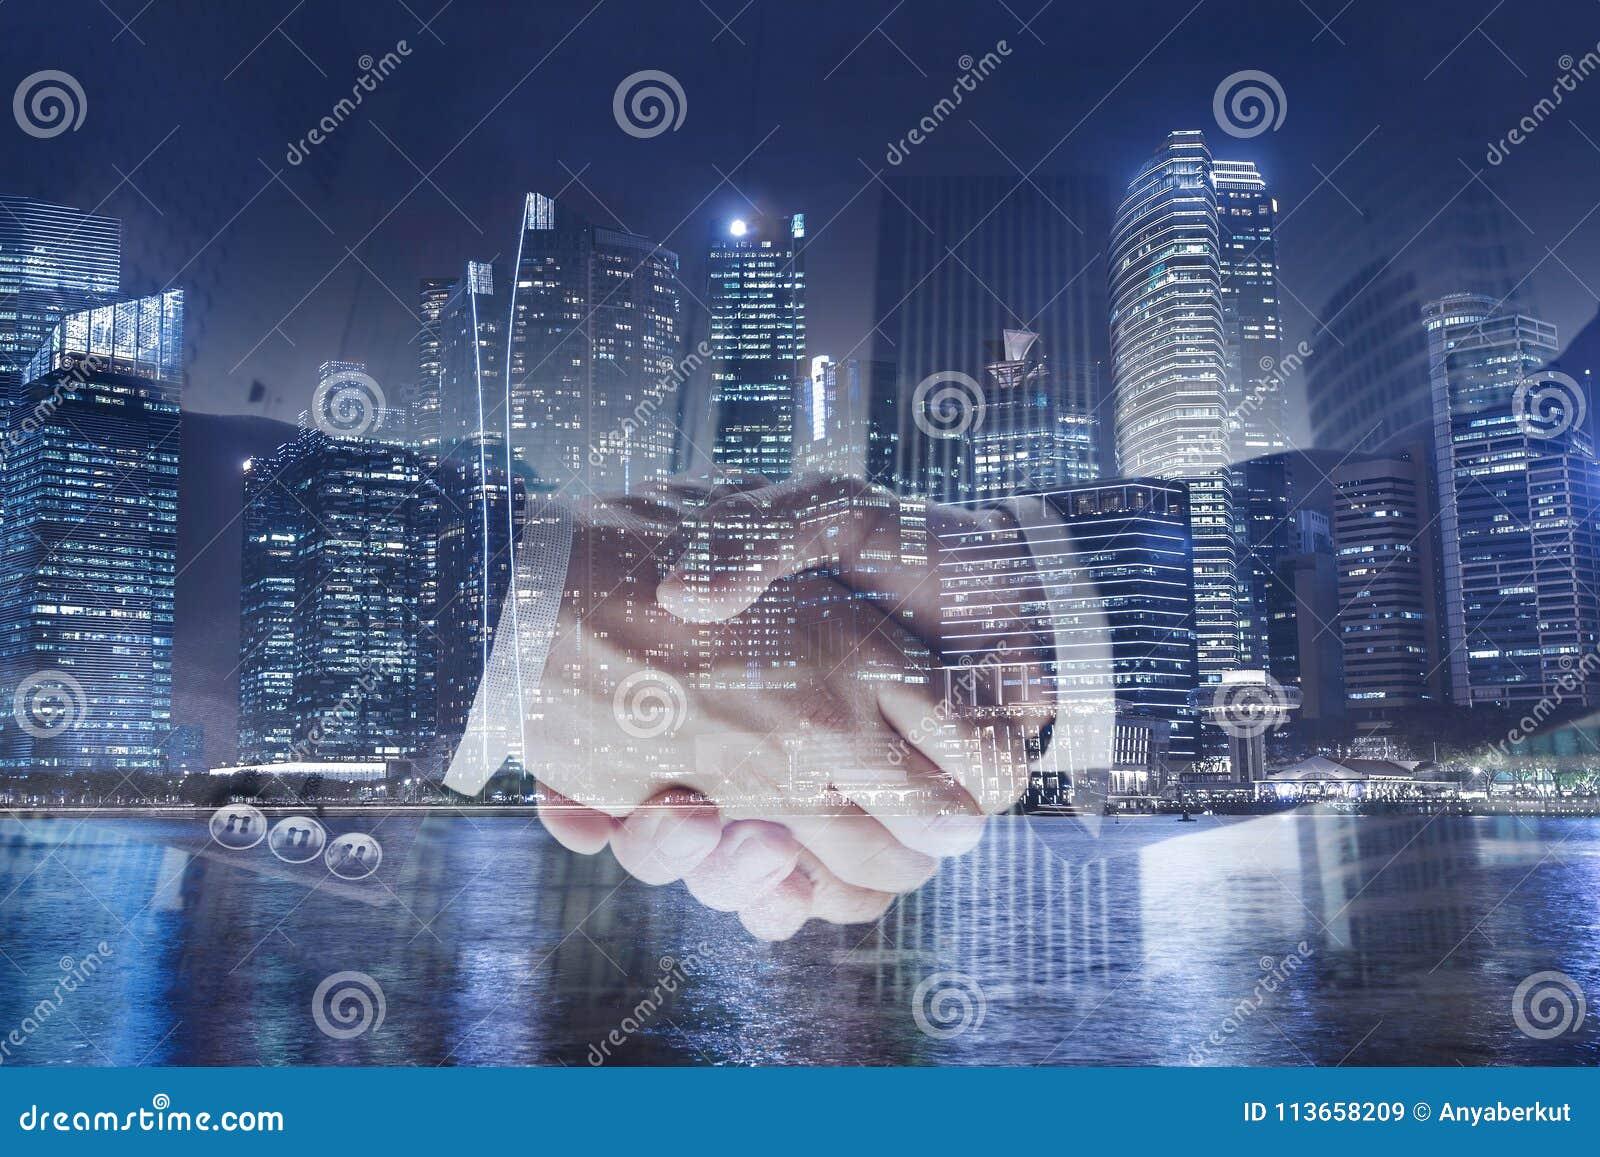 Samarbetsaffärsidé, dubbel exponering för handskakning, samarbete eller partnerskap